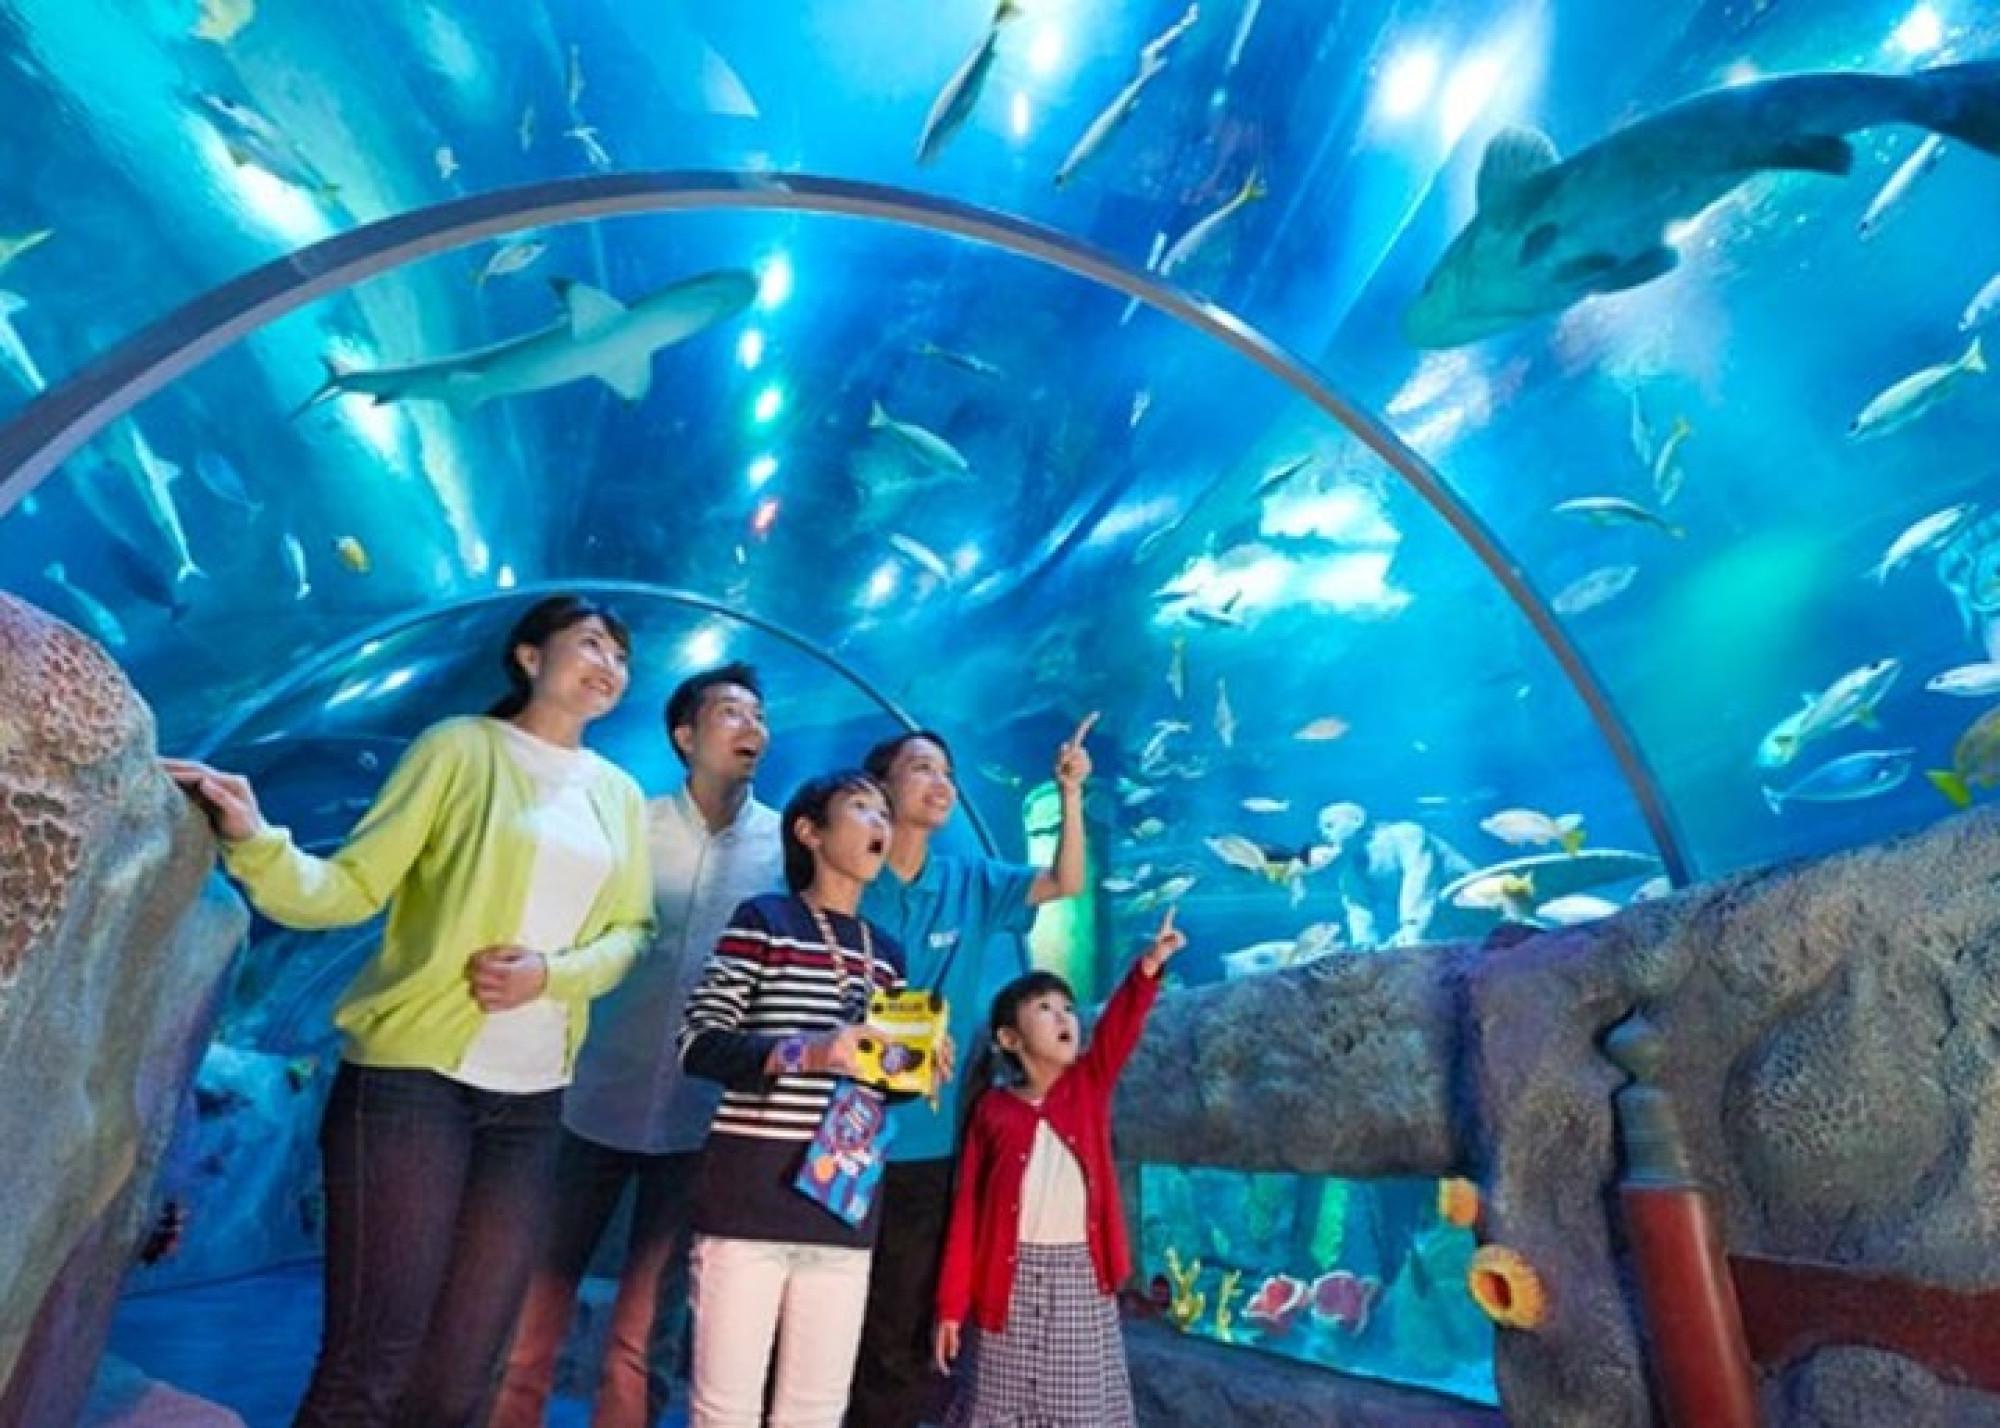 体験型水族館シーライフ名古屋も楽しめる